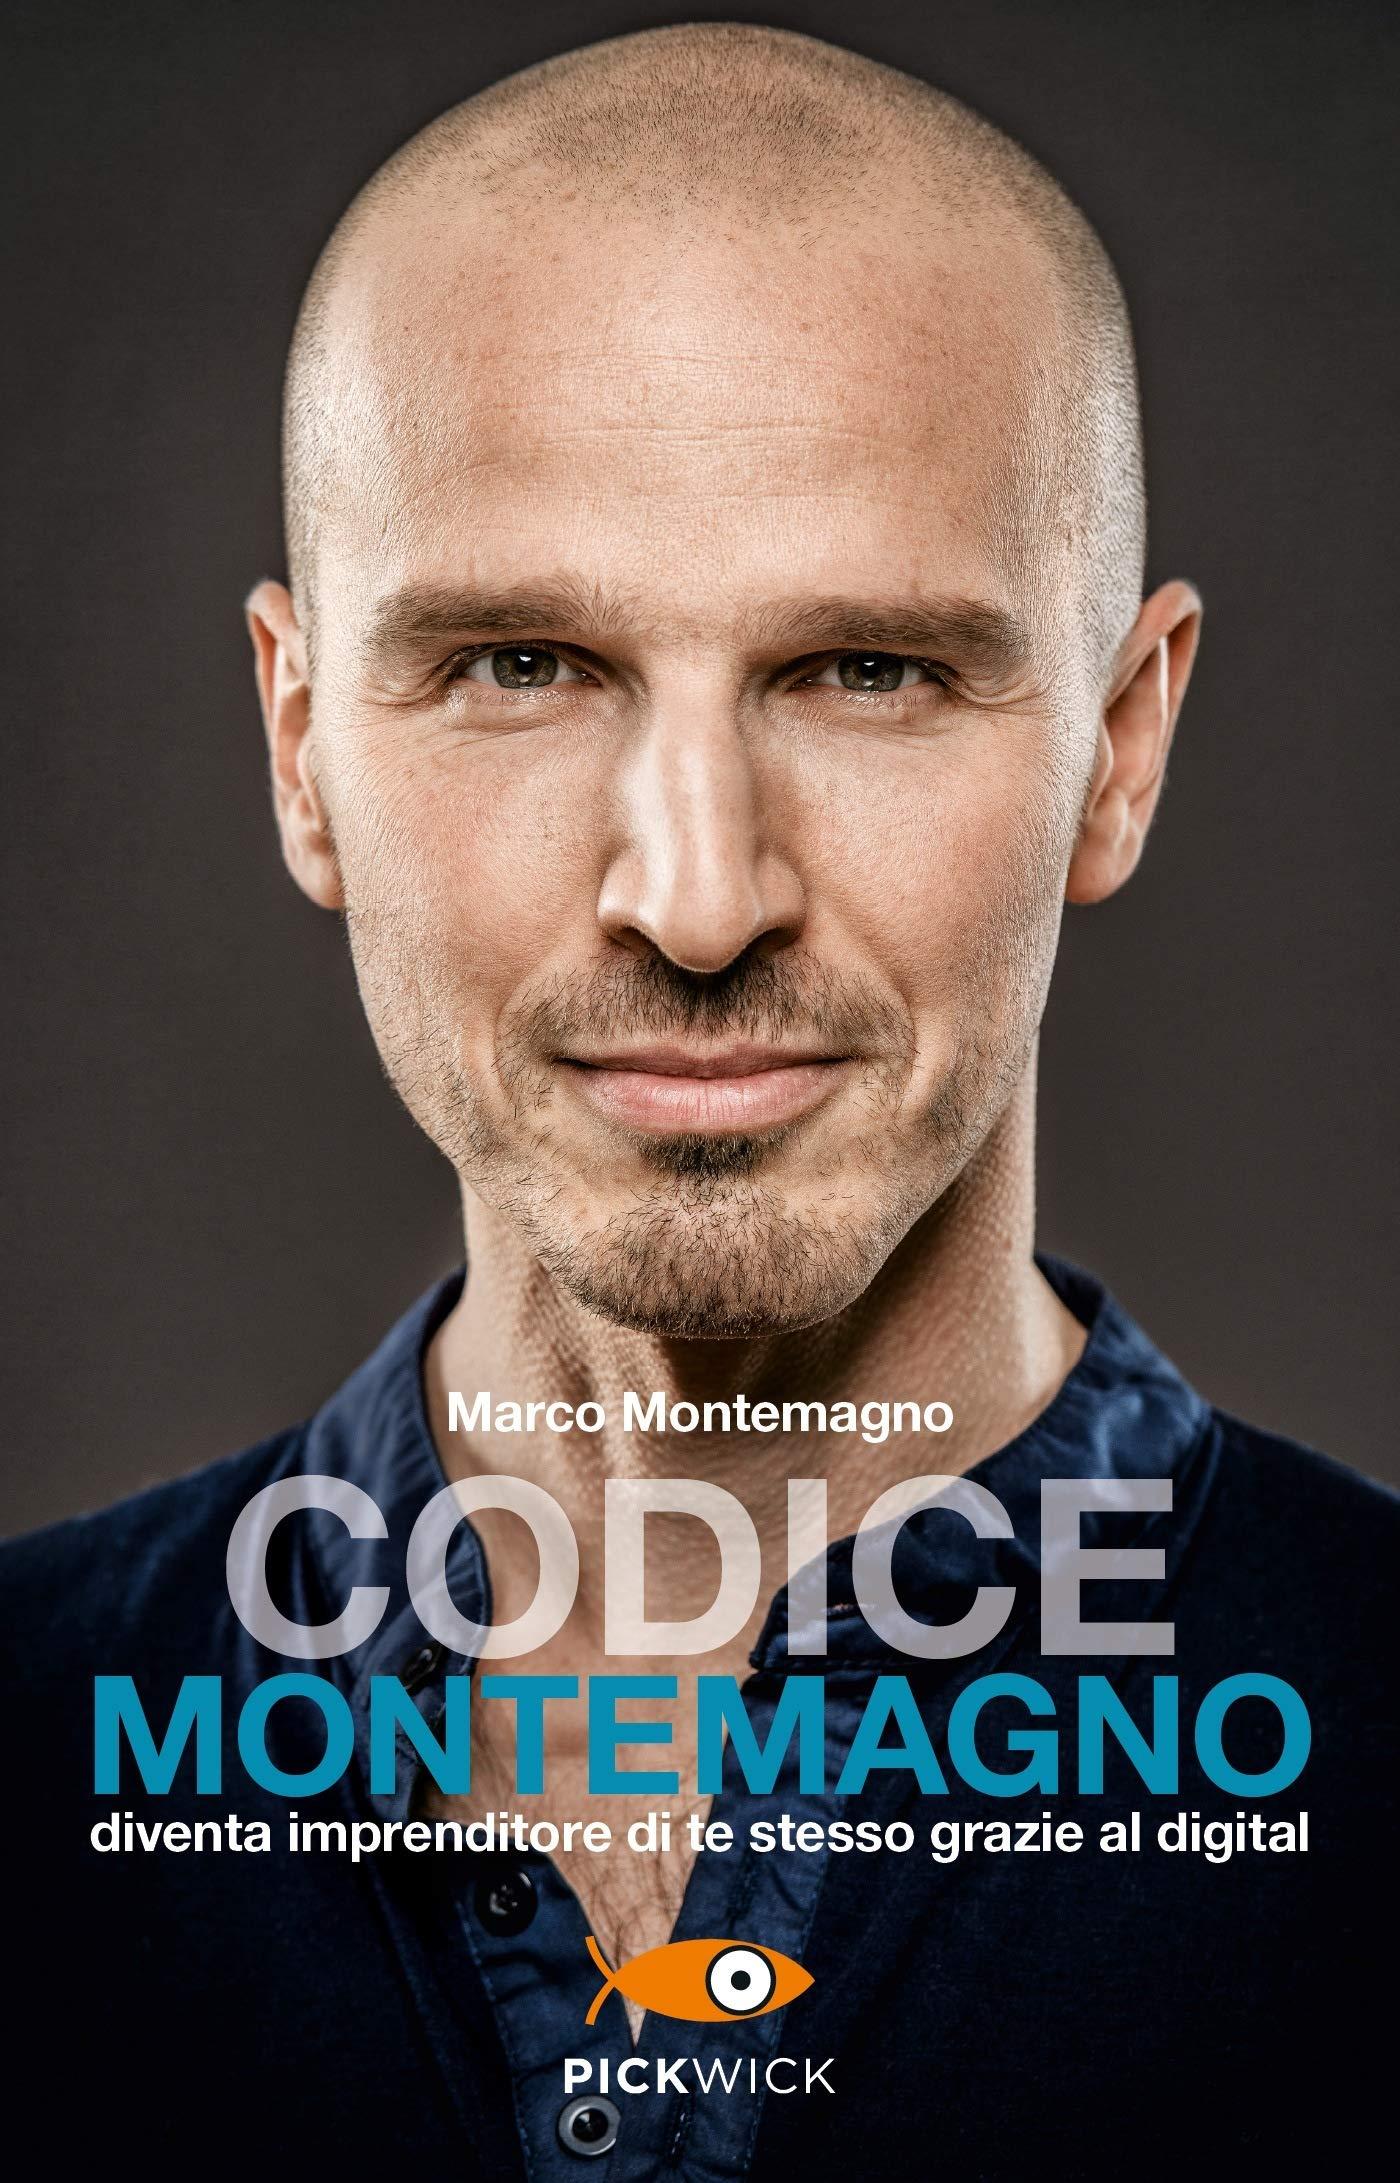 Codice-Montemagno-Diventa-imprenditore-di-te-stesso-grazie-al-digital